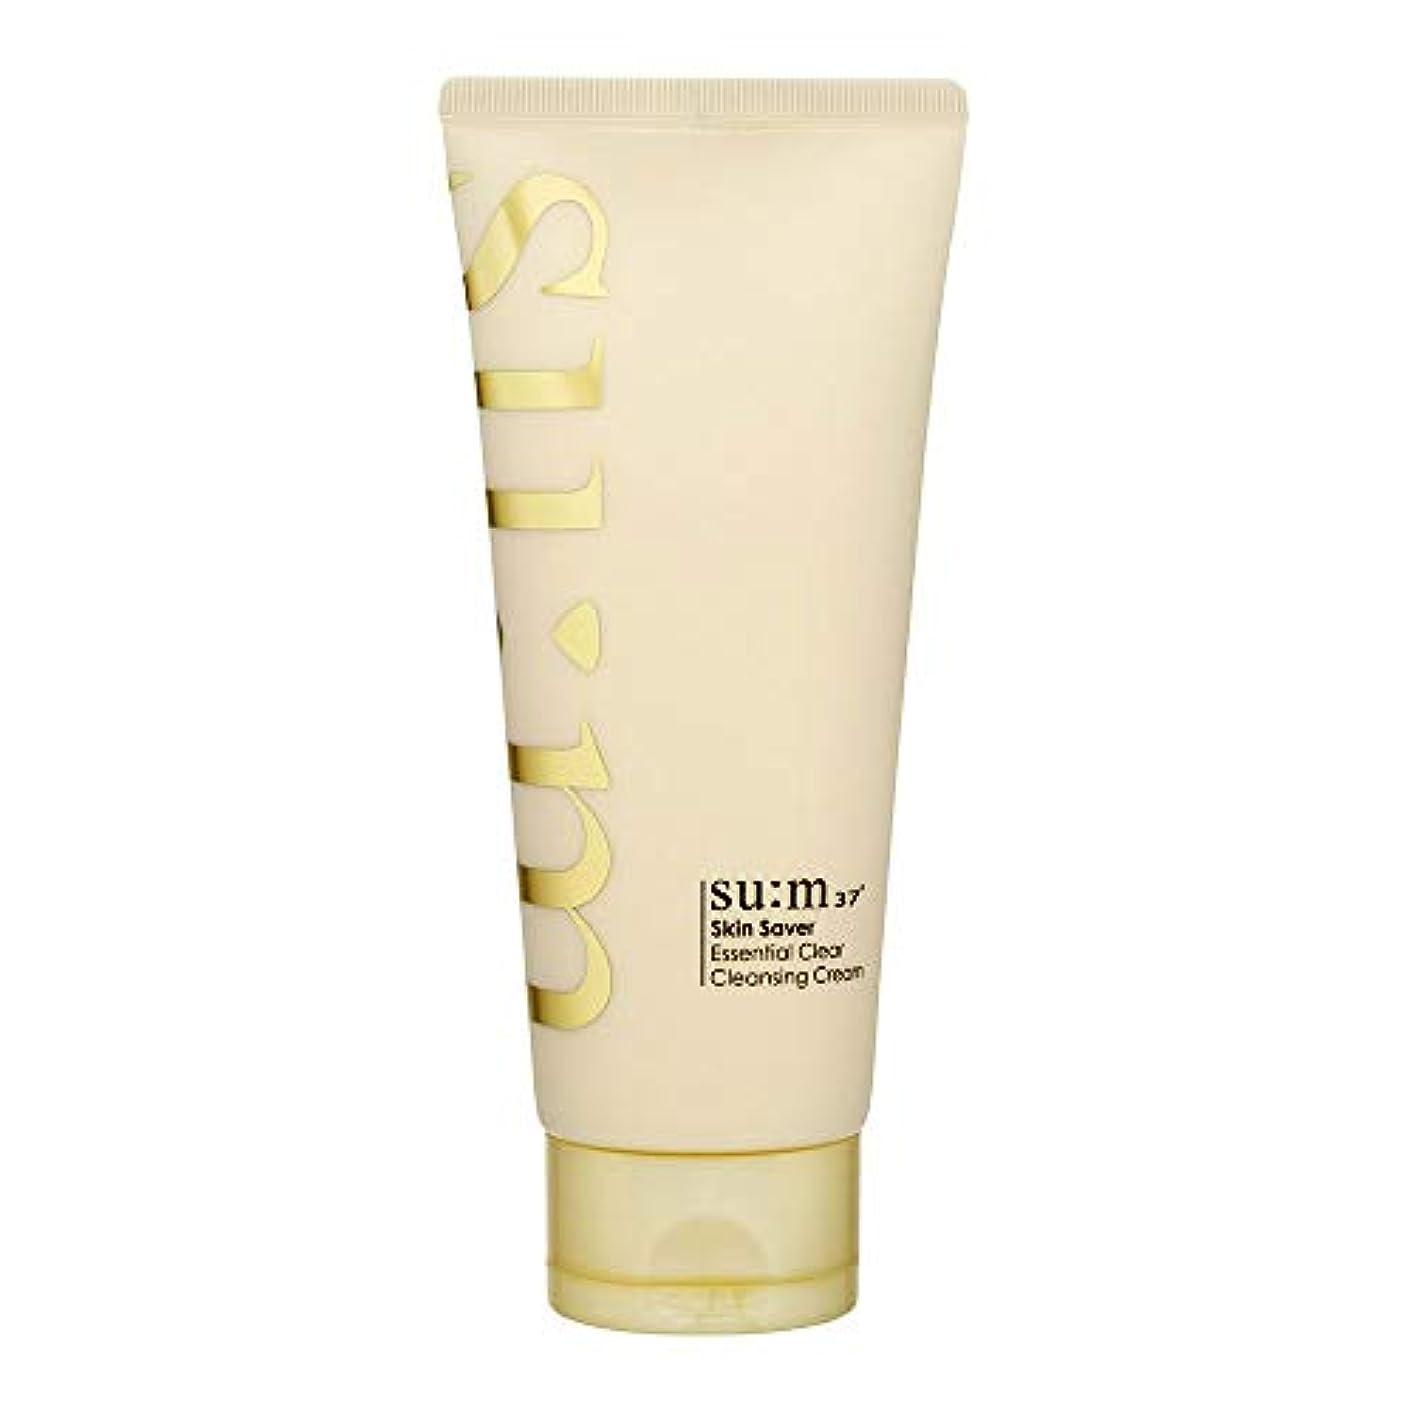 一流不十分なまともな[スム37°] Sum37° スキンセイバー エッセンシャルクリアクレンジングクリーム  Skin saver Essential Clear Cleansing Cream (海外直送品) [並行輸入品]